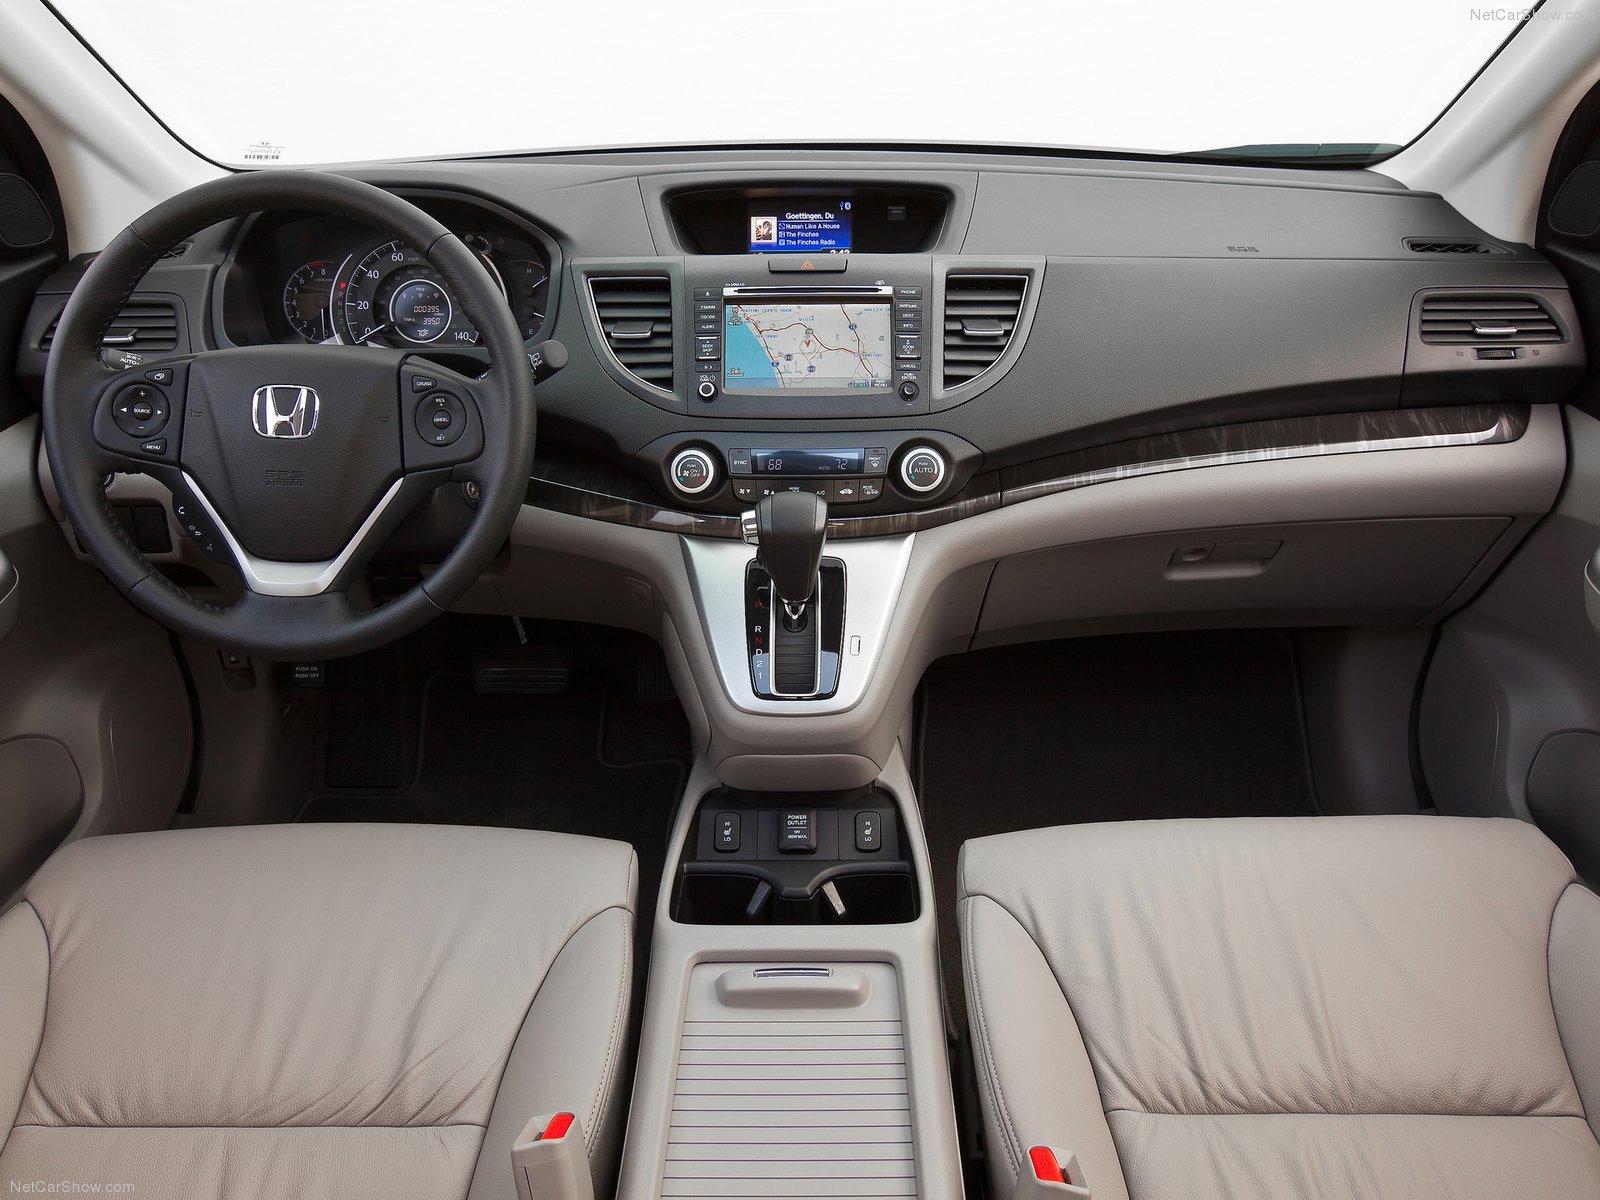 Honda CR-V IV 2012 - 2014 SUV 5 door #7